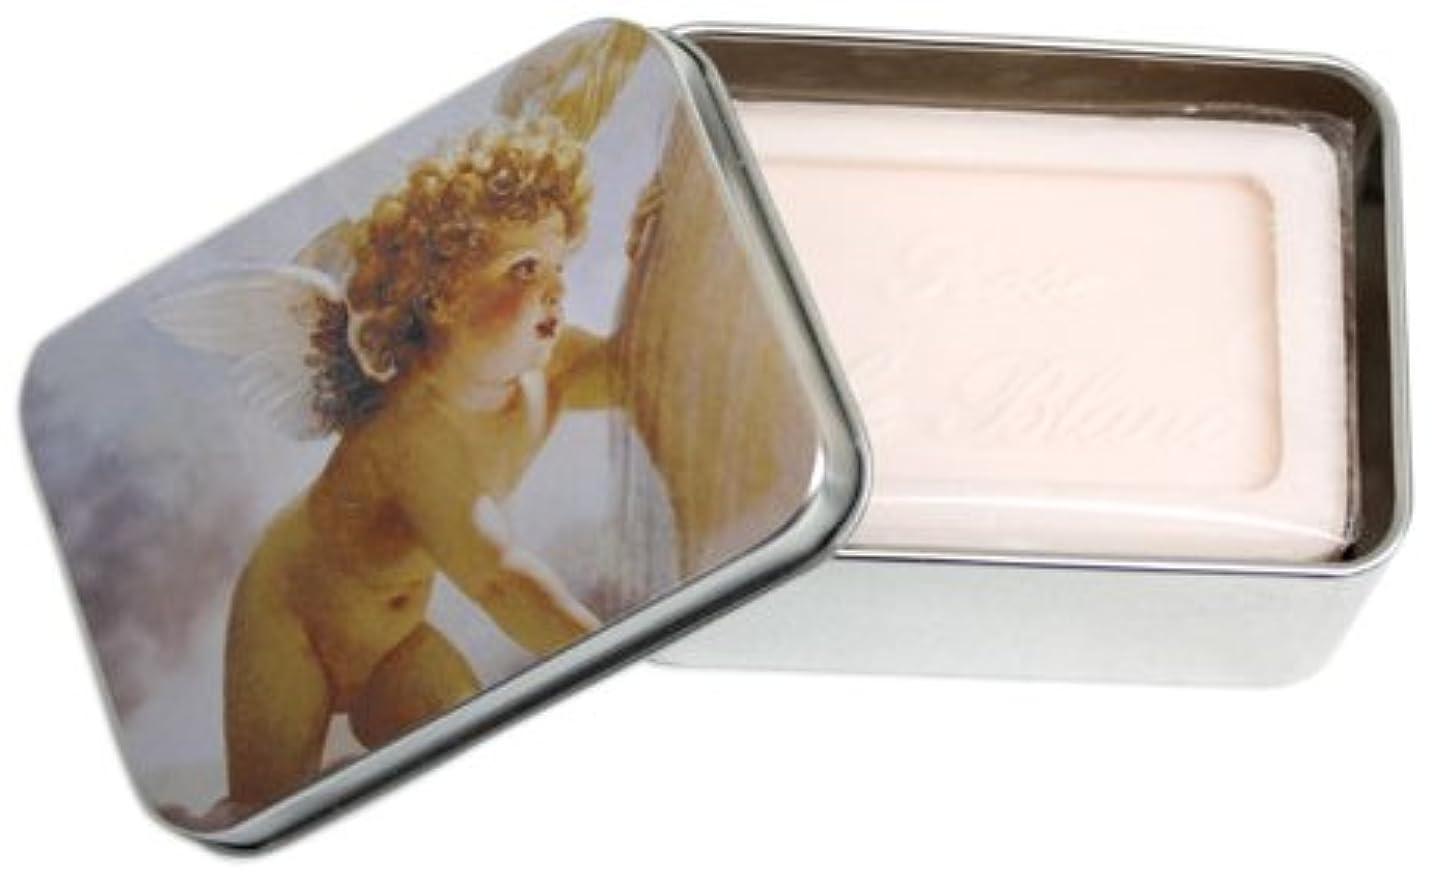 悪化させる倍増定期的にルブランソープ メタルボックス(エンジェルA?ローズの香り)石鹸